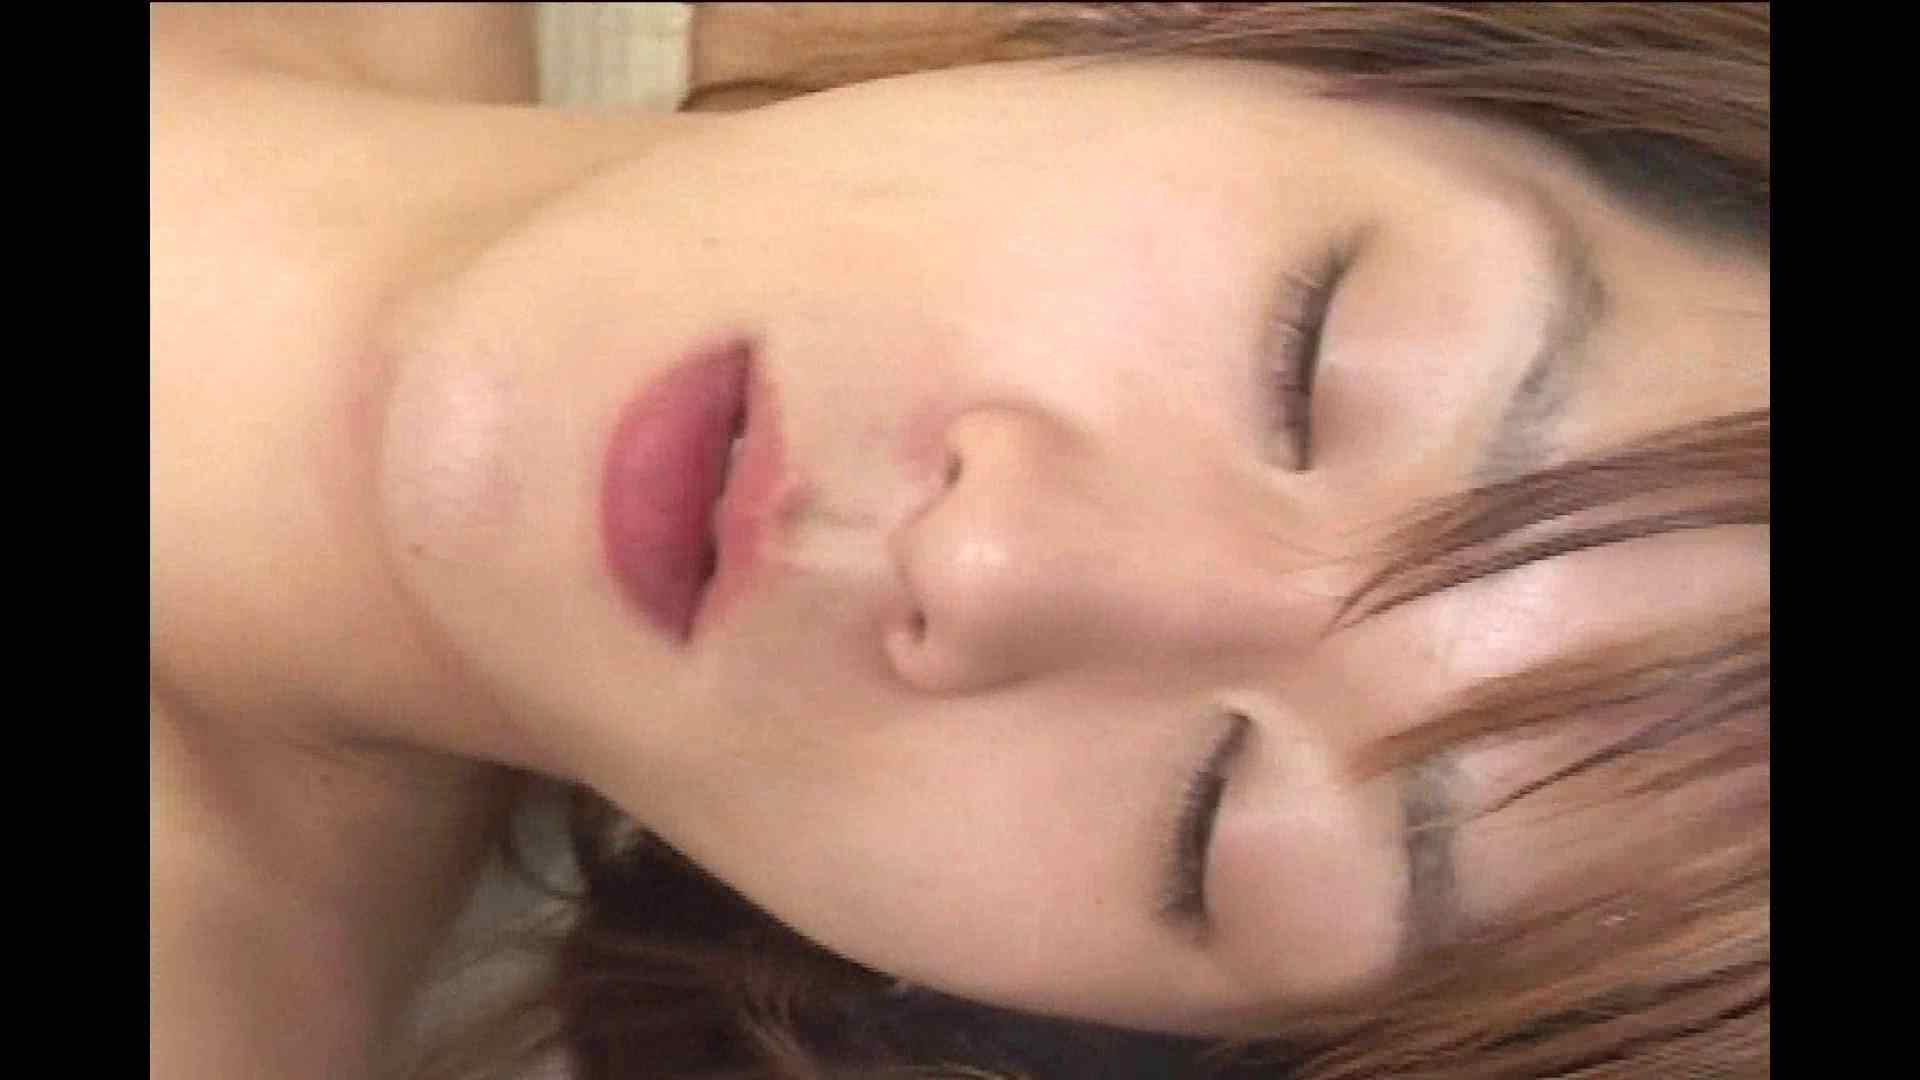 ヤリヤリ野郎共倶楽部vol.24後編 エロエロ動画   男・男・男  103枚 25